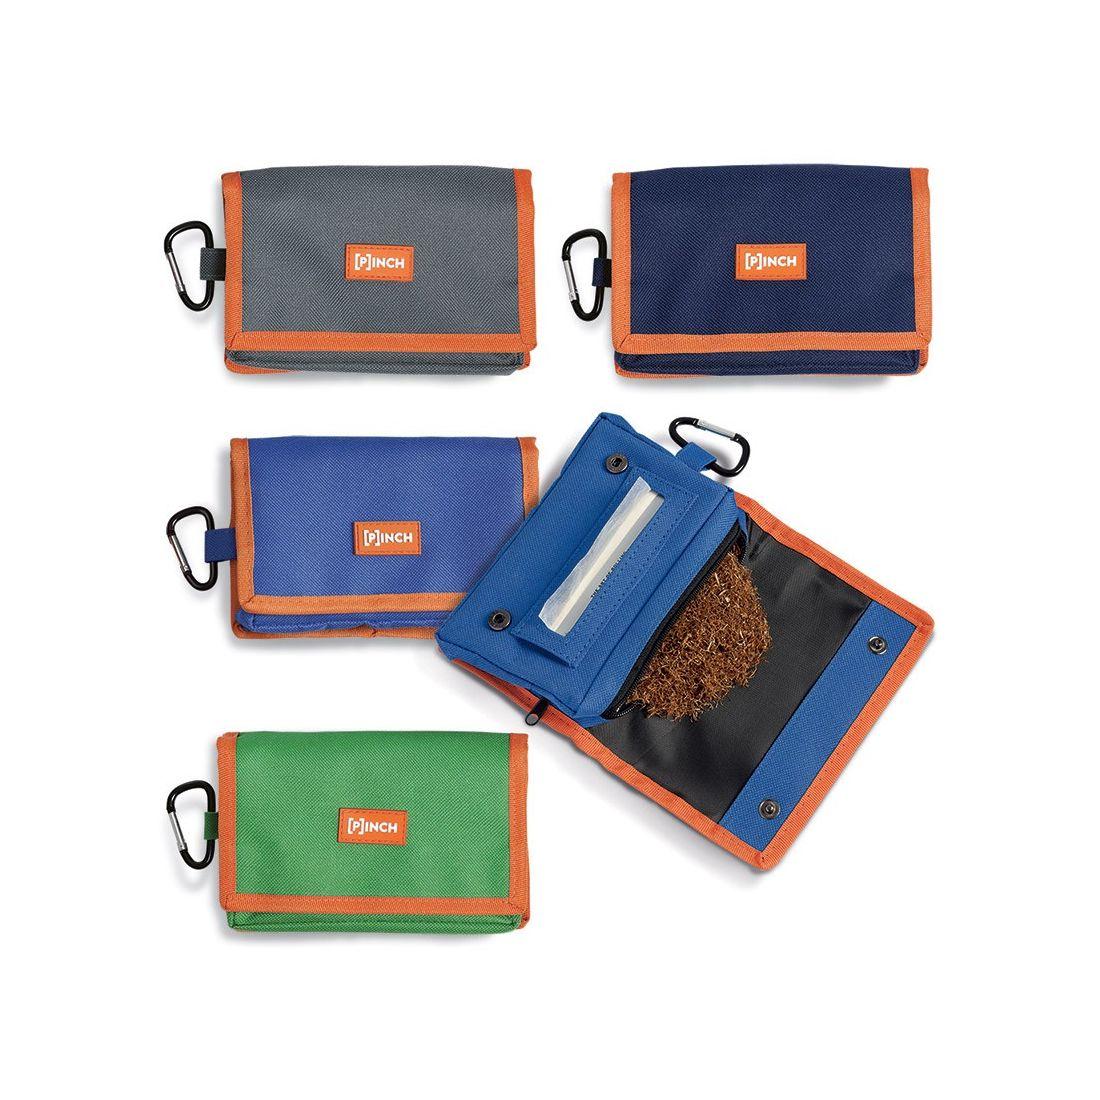 Portatabacco pinch in tessuto canvas porta tabacco cartine - Porta tabacco pipa ...